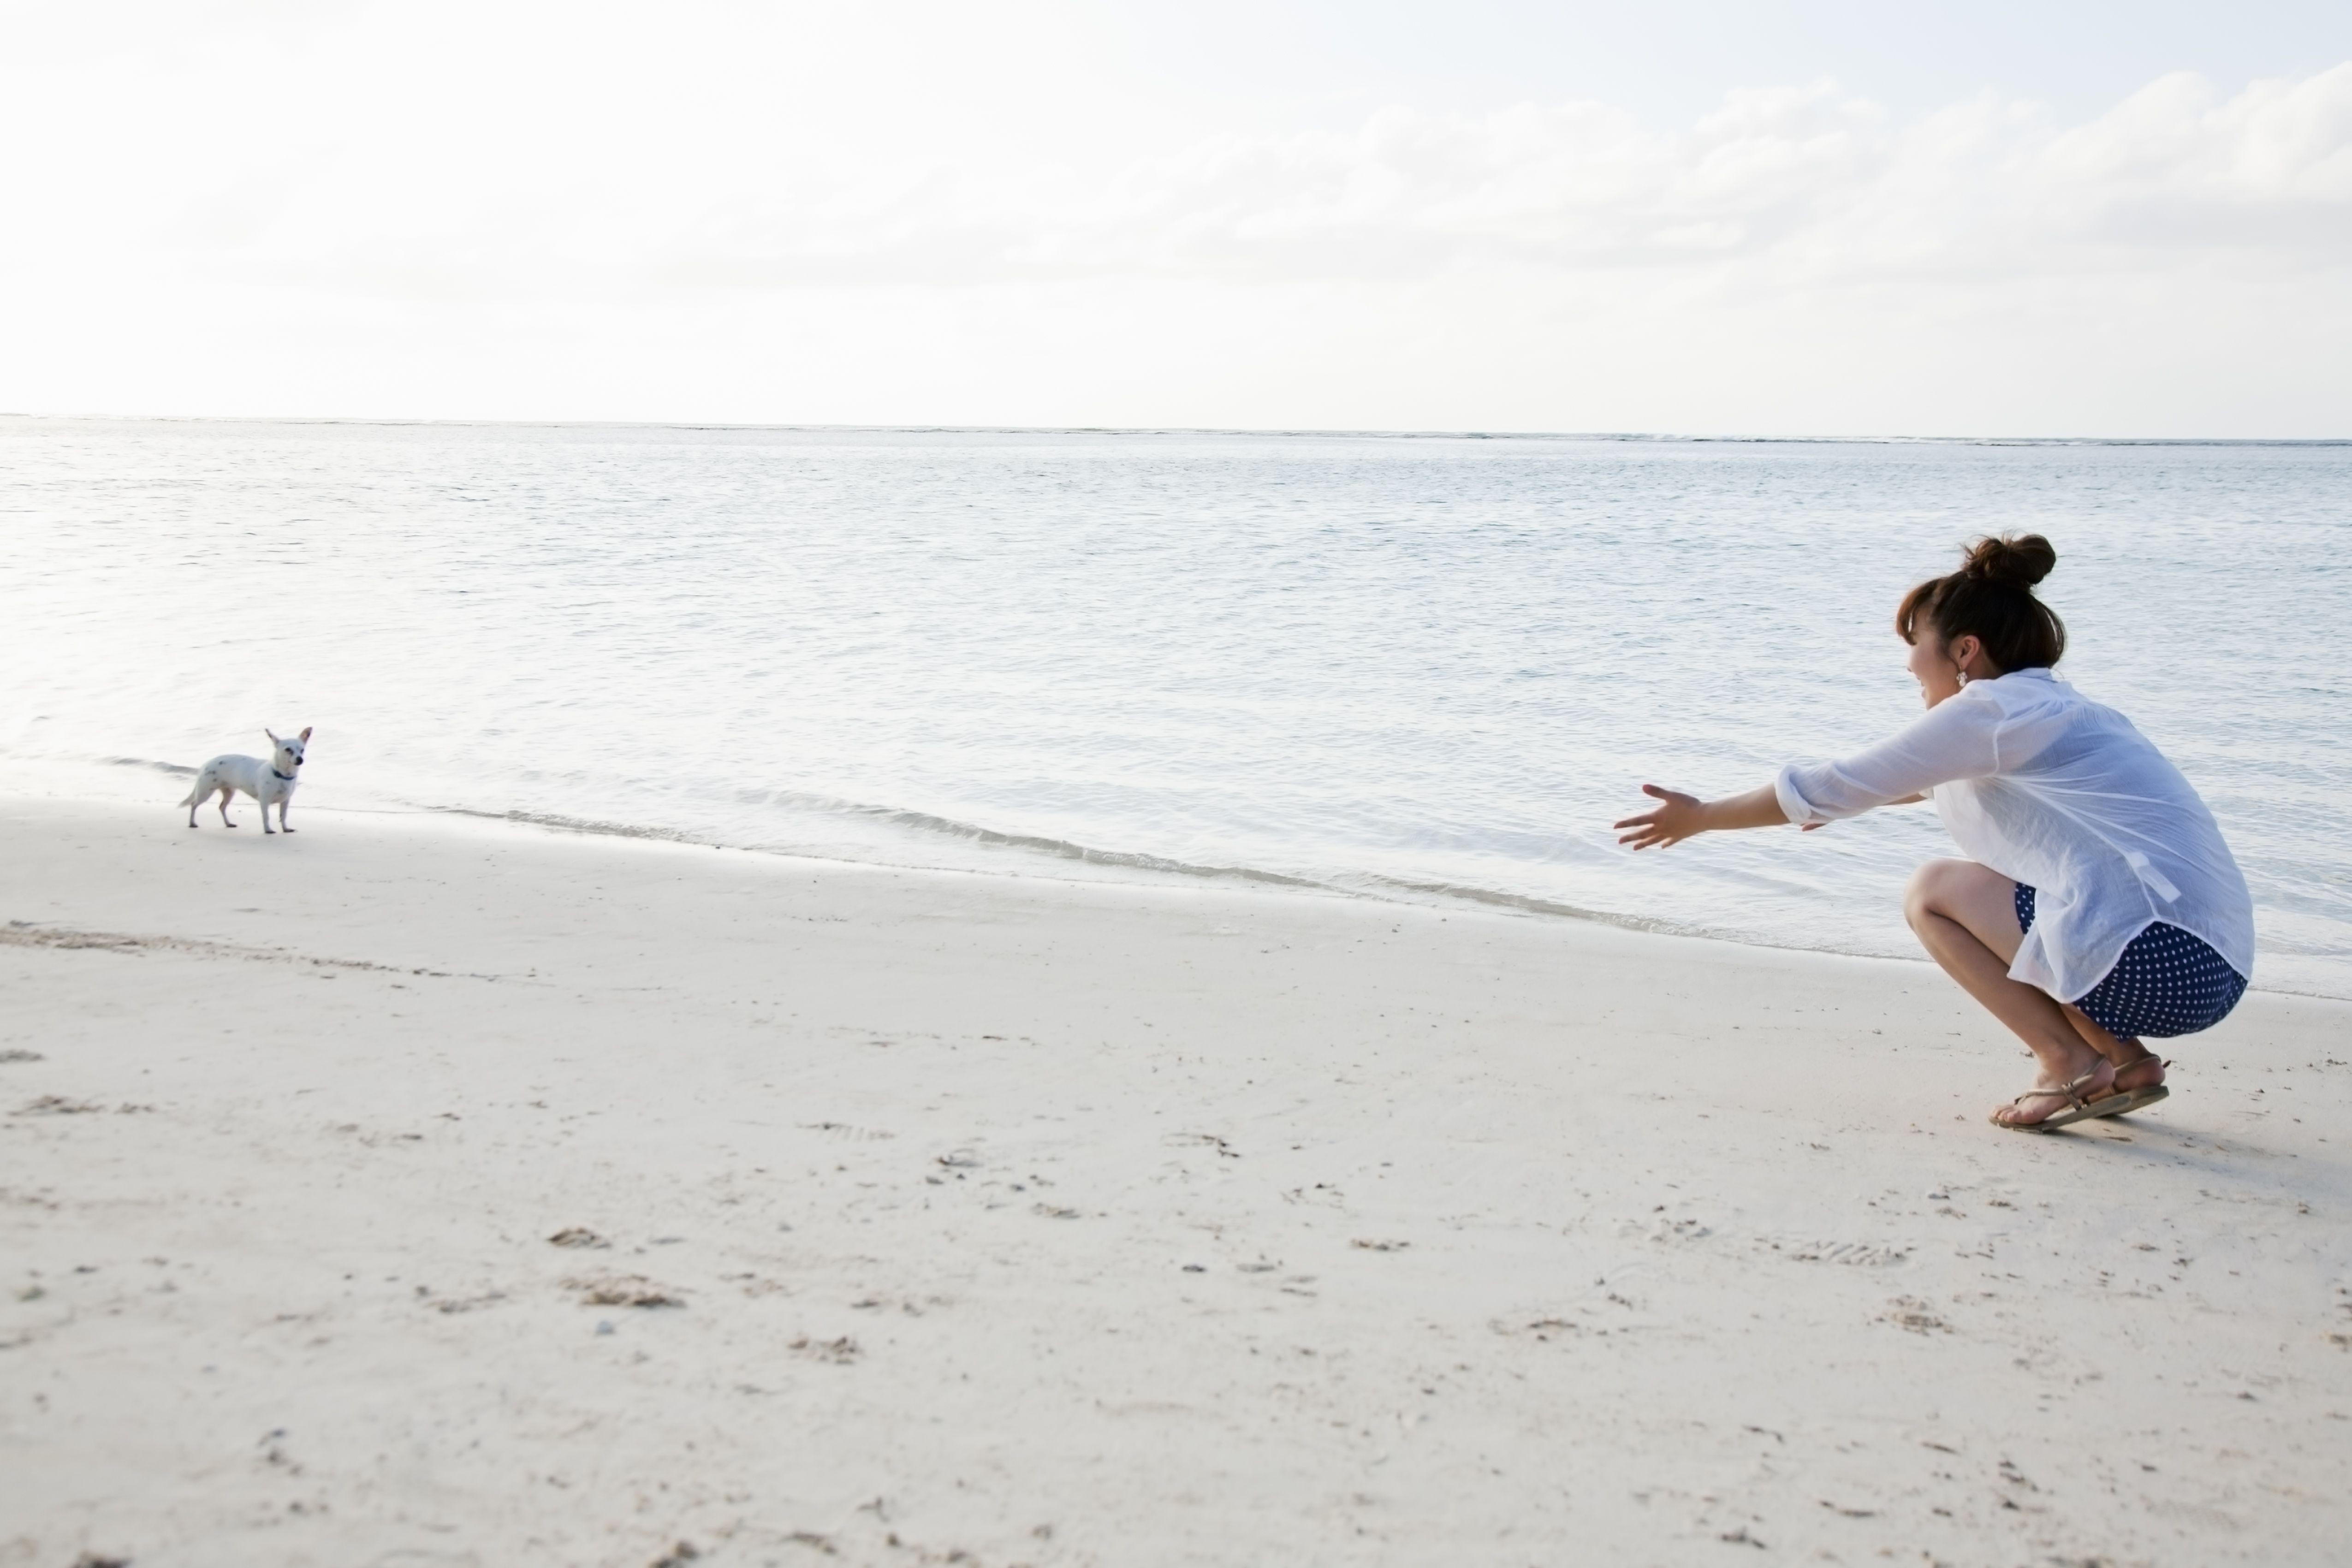 Mujer en una playa que le enseña a un perro a venir mientras ambos están cerca del océano